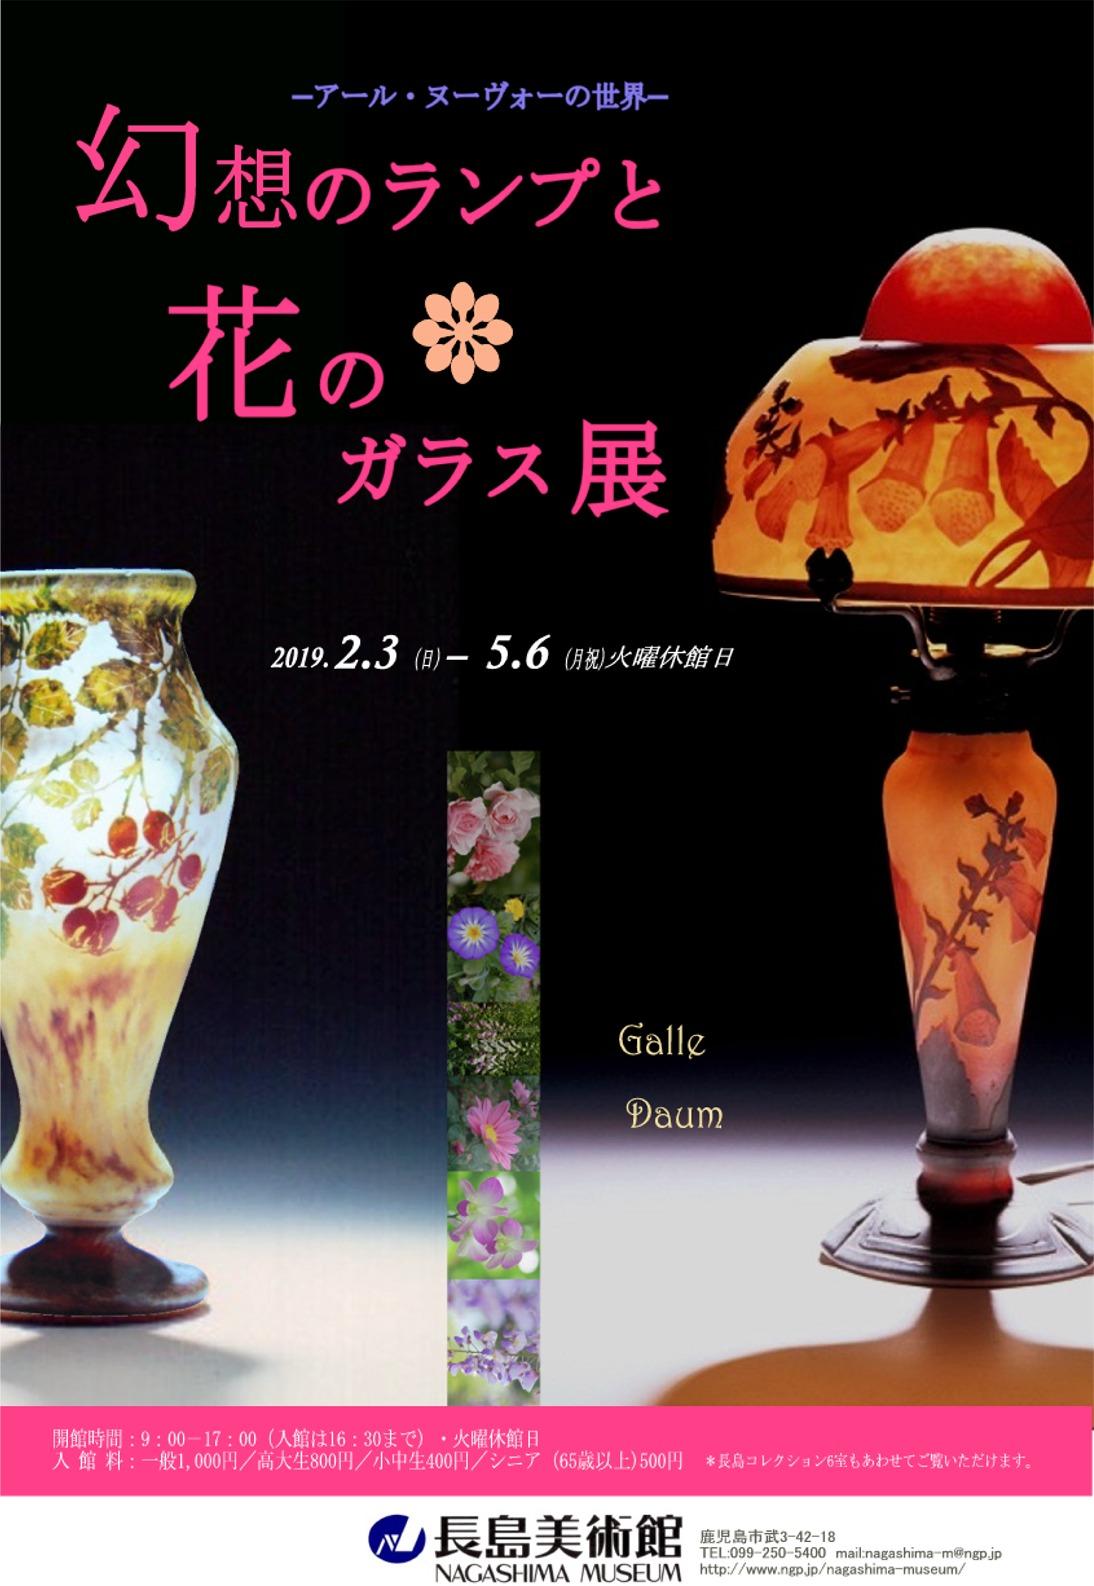 幻想のランプと花のガラス展-アール・ヌーヴォーの世界-